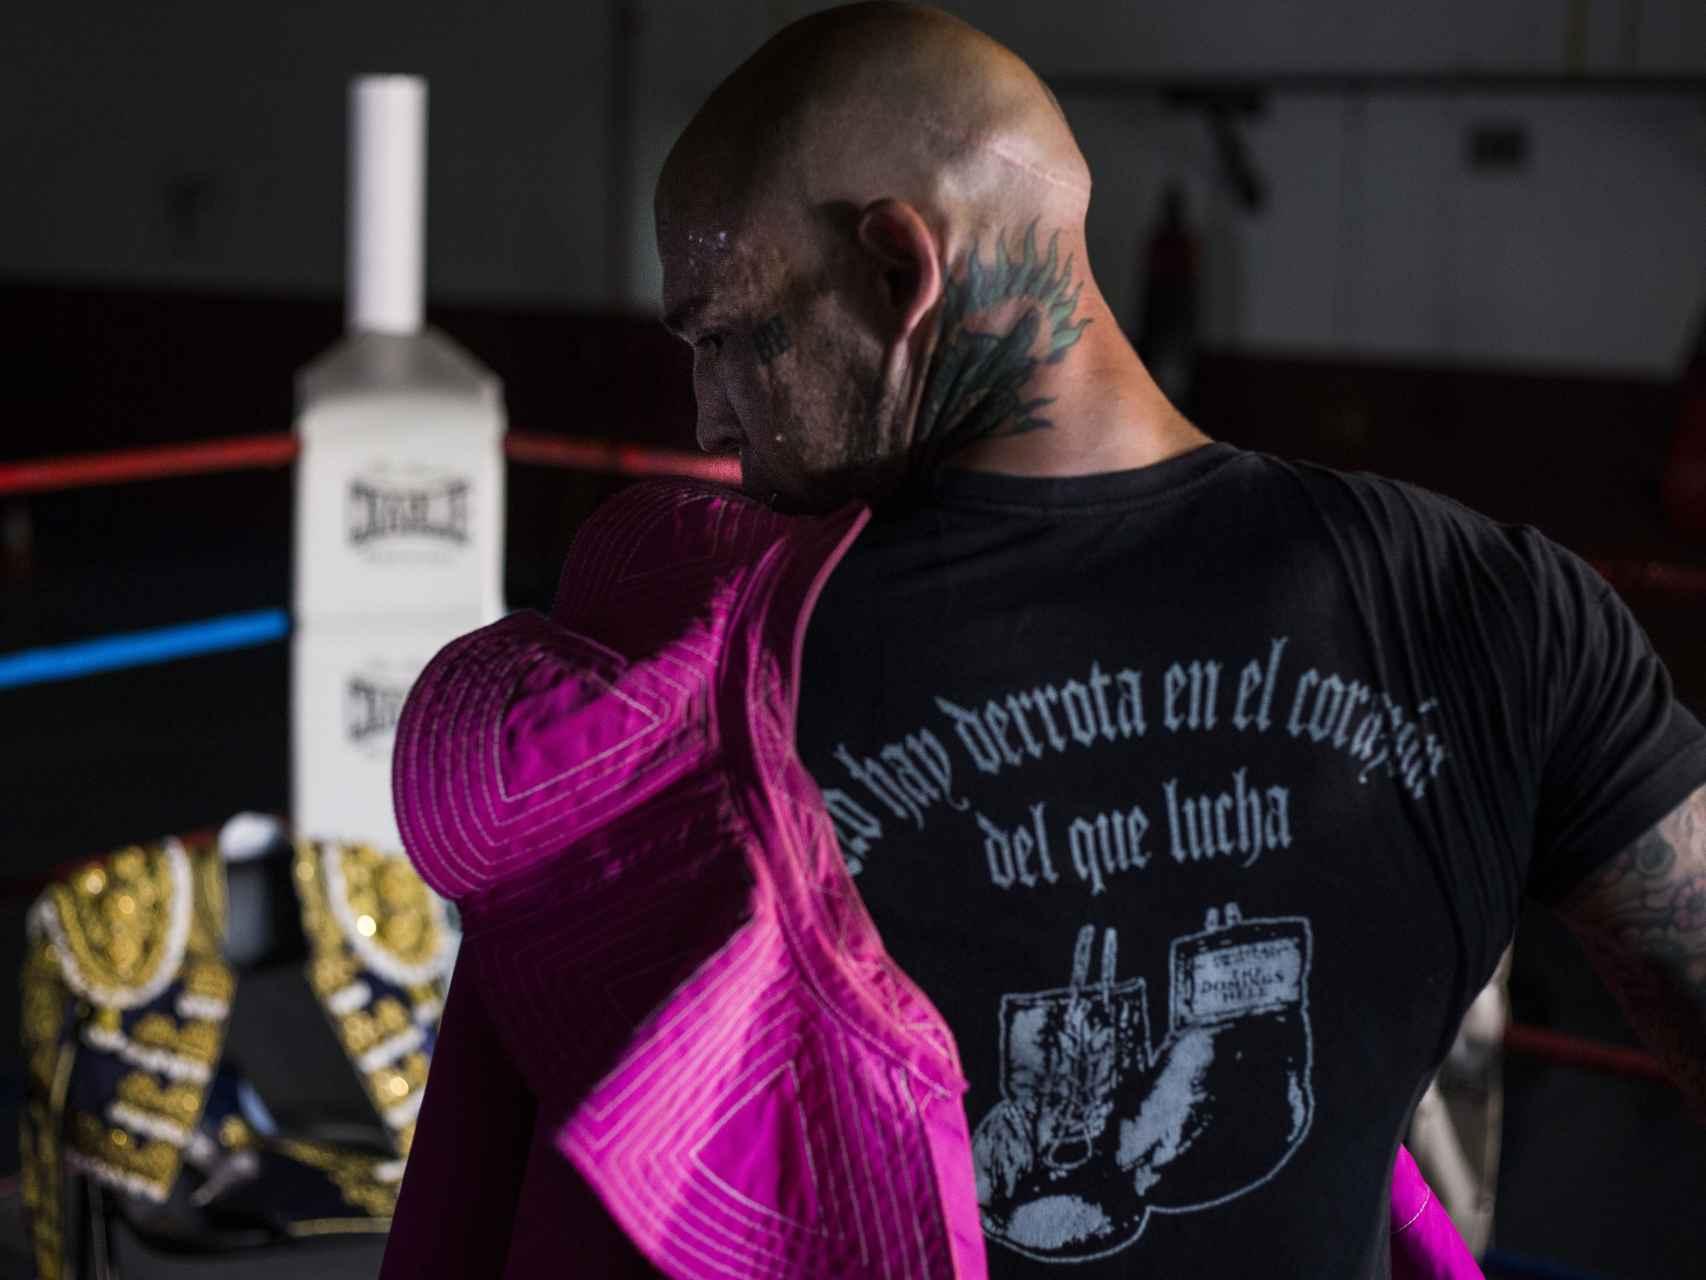 Así es Álvaro Ortega: ex torero, ex neonazi y ex boxeador.